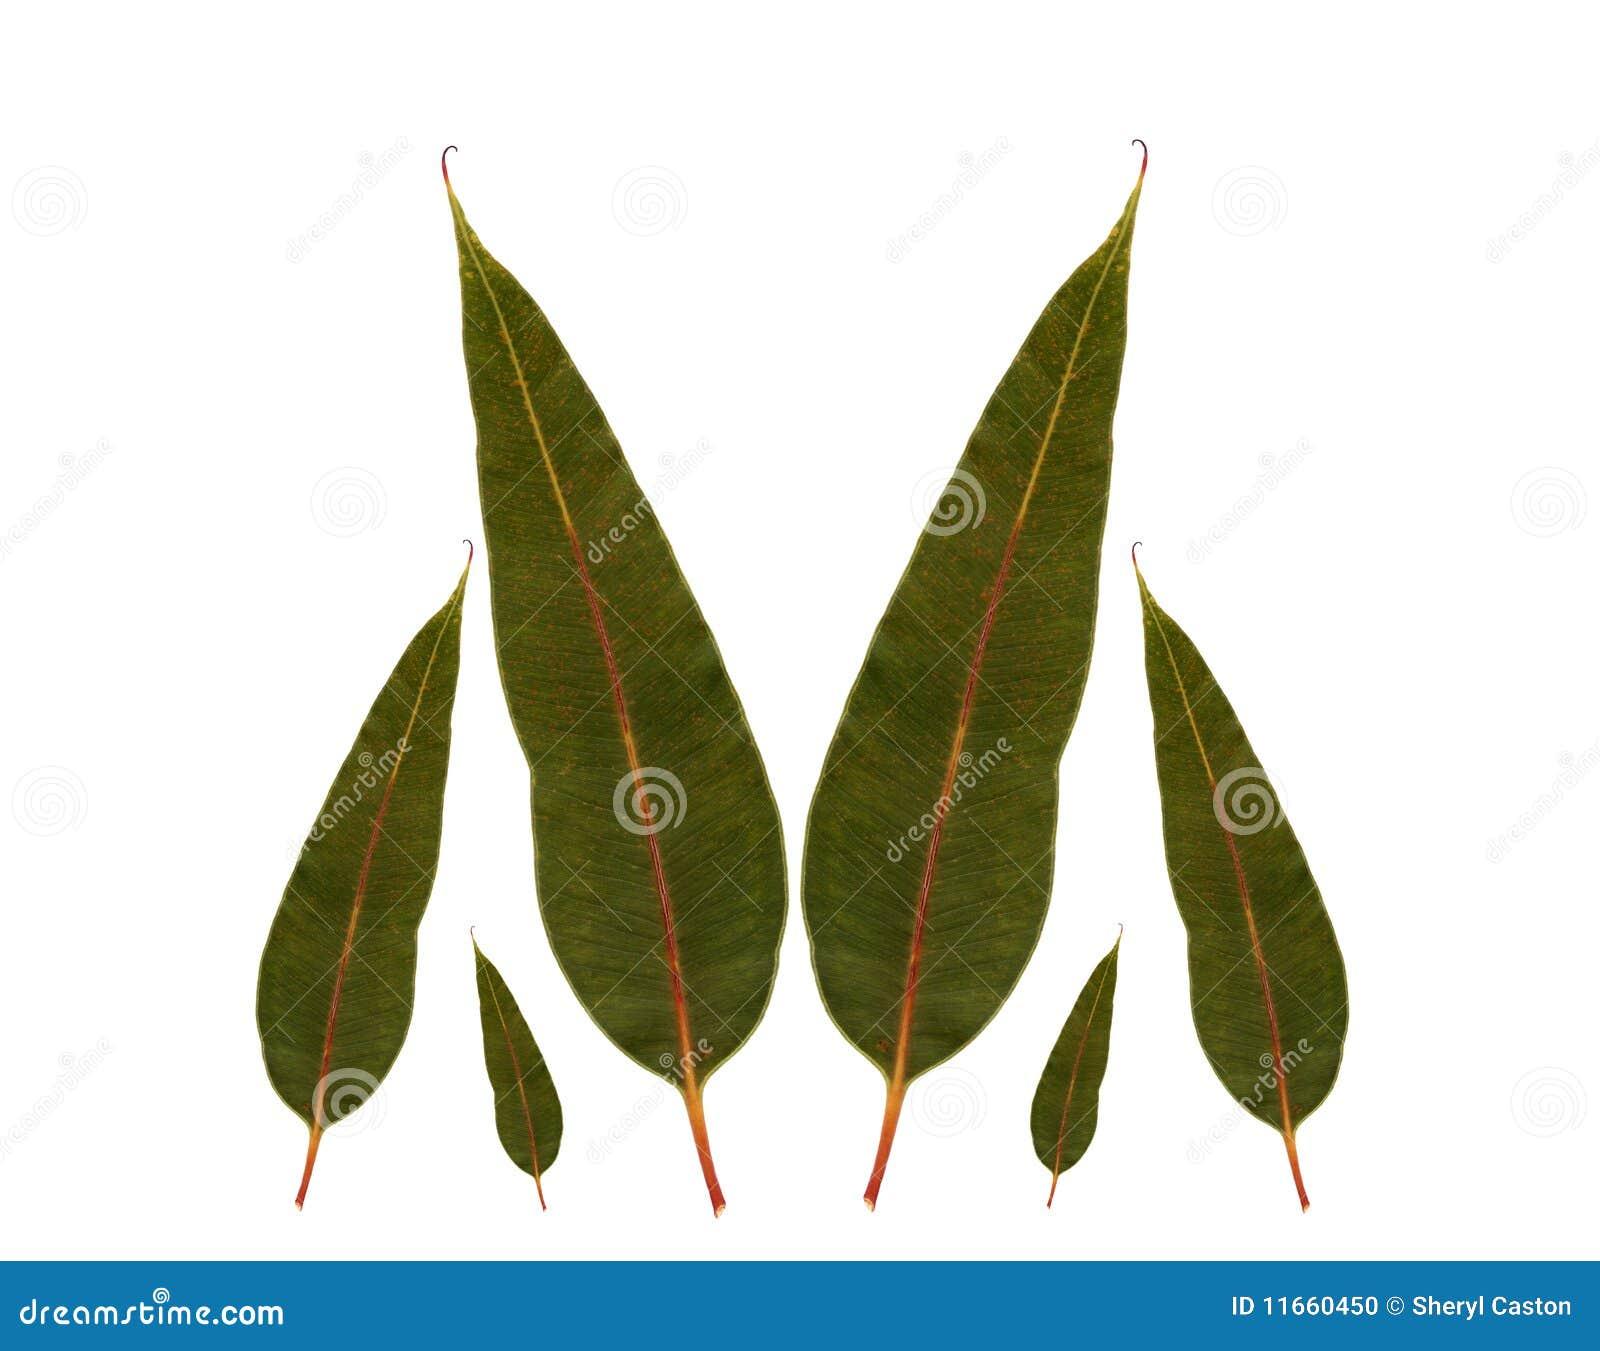 La gomme d 39 eucalyptus quitte la plante originaire australienne photo stock image 11660450 - Plante a la gomme ...